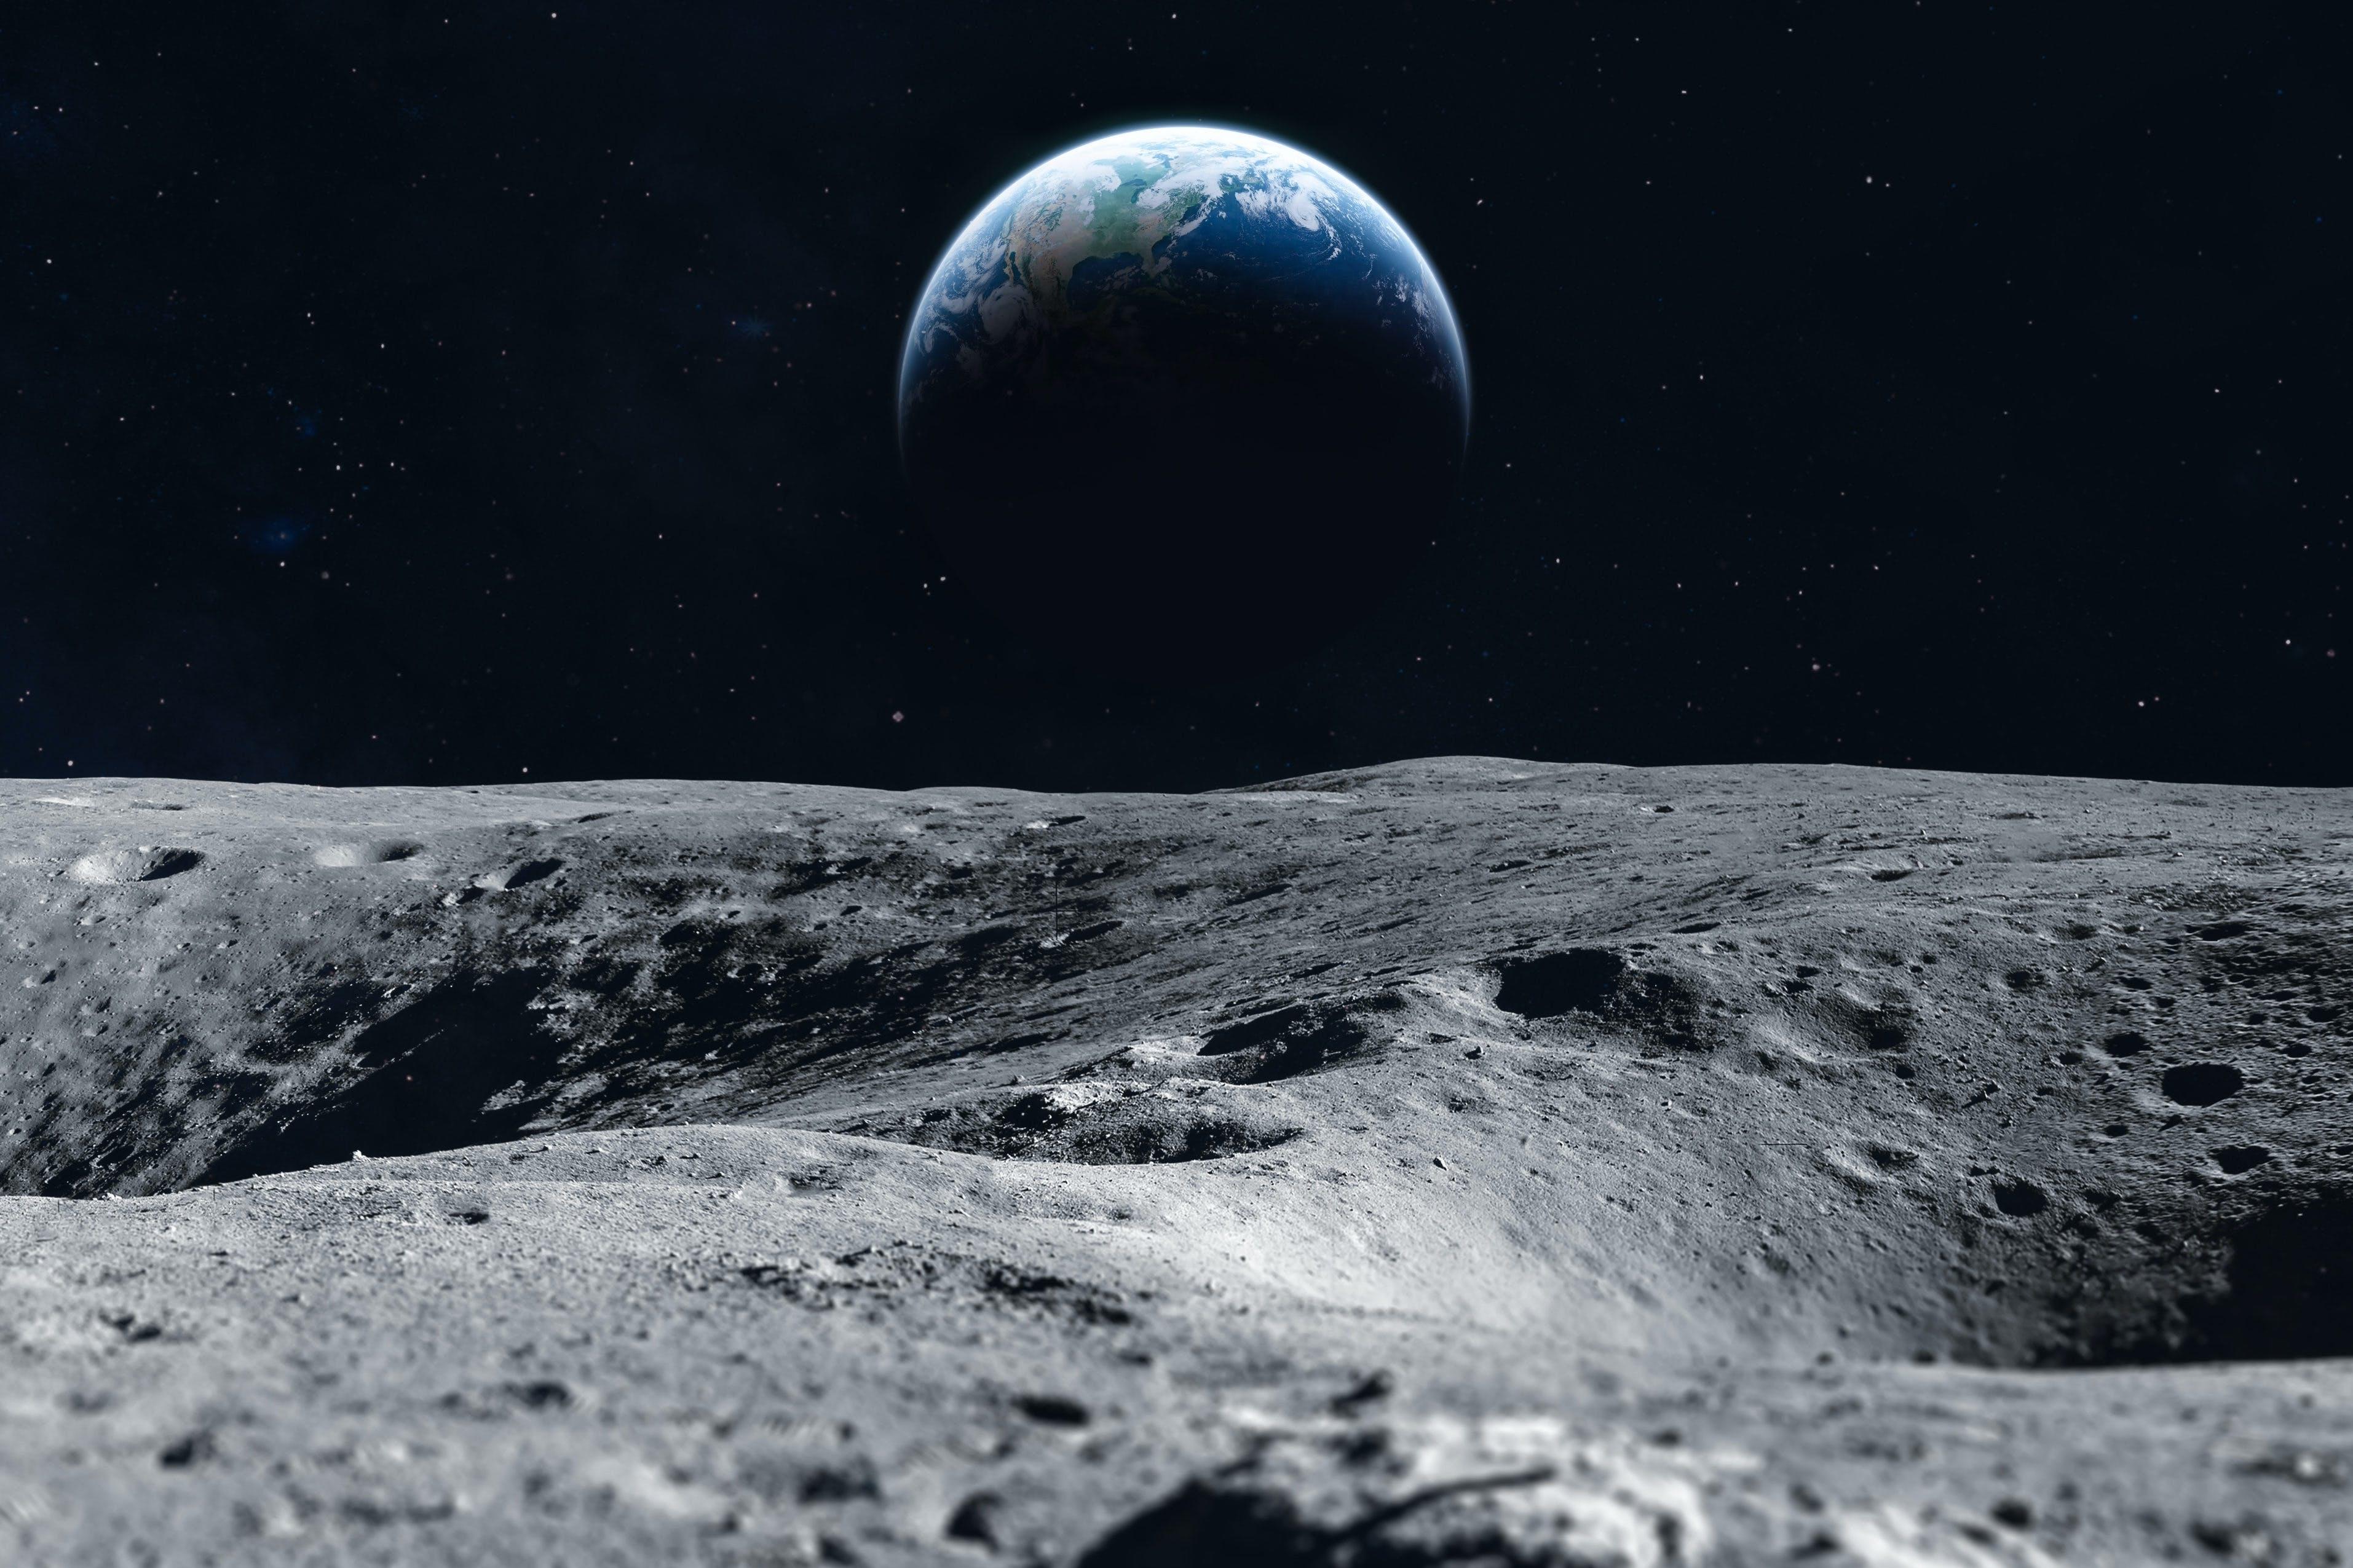 De maan - Mensen op de maan